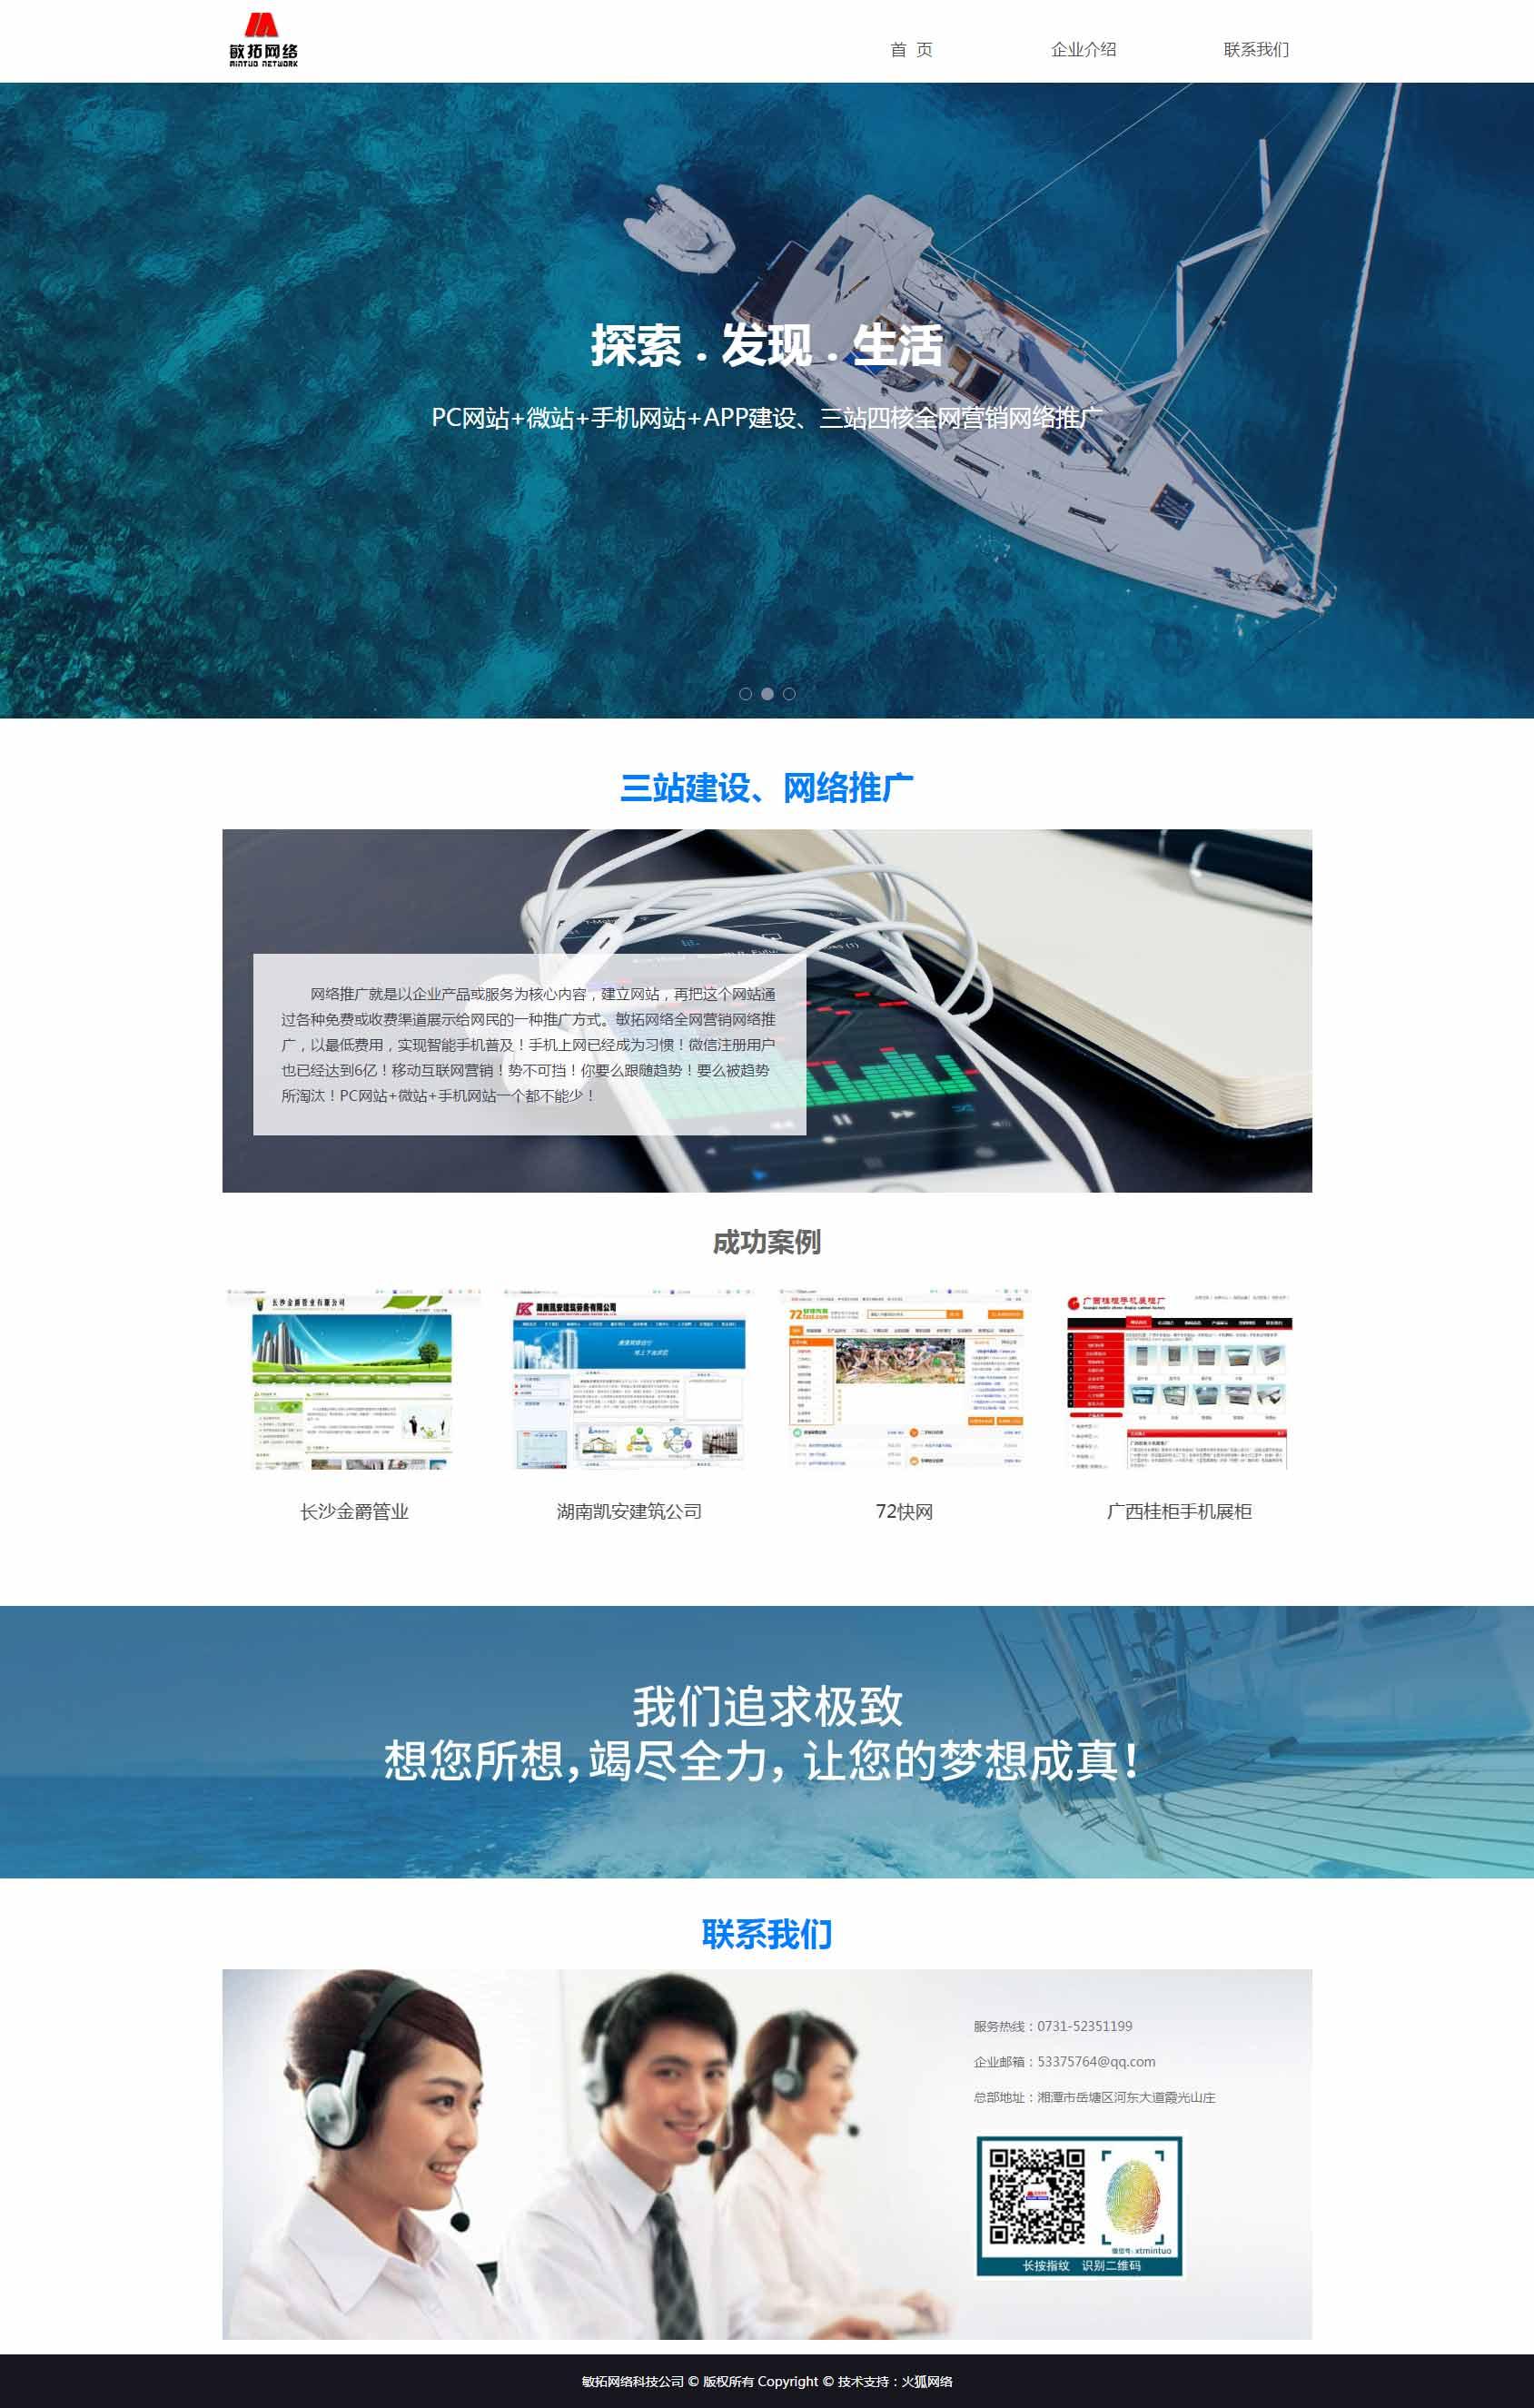 网络科技行业案例展示